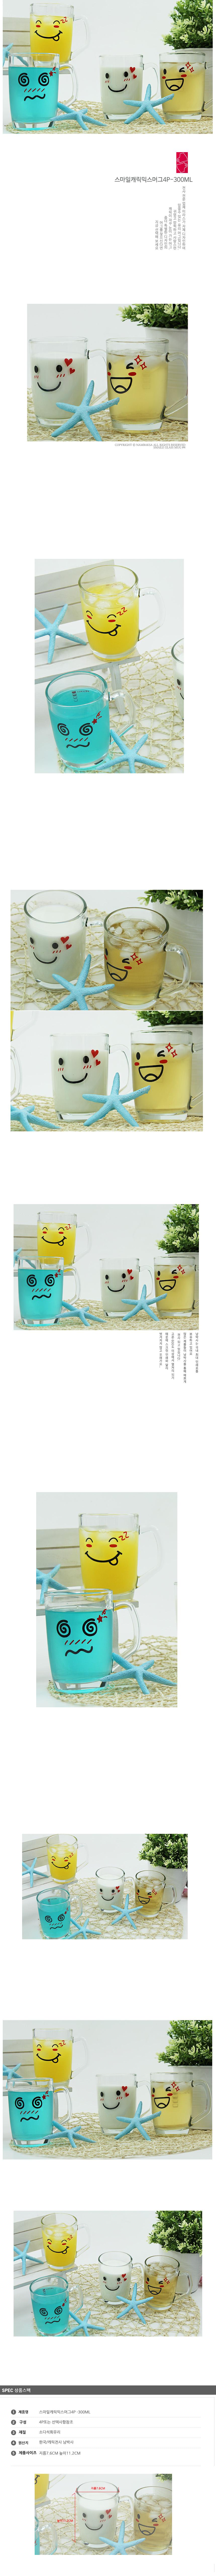 남박사 미라스스마일캐릭믹스머그4p - 남박사, 11,500원, 머그컵, 머그컵 세트